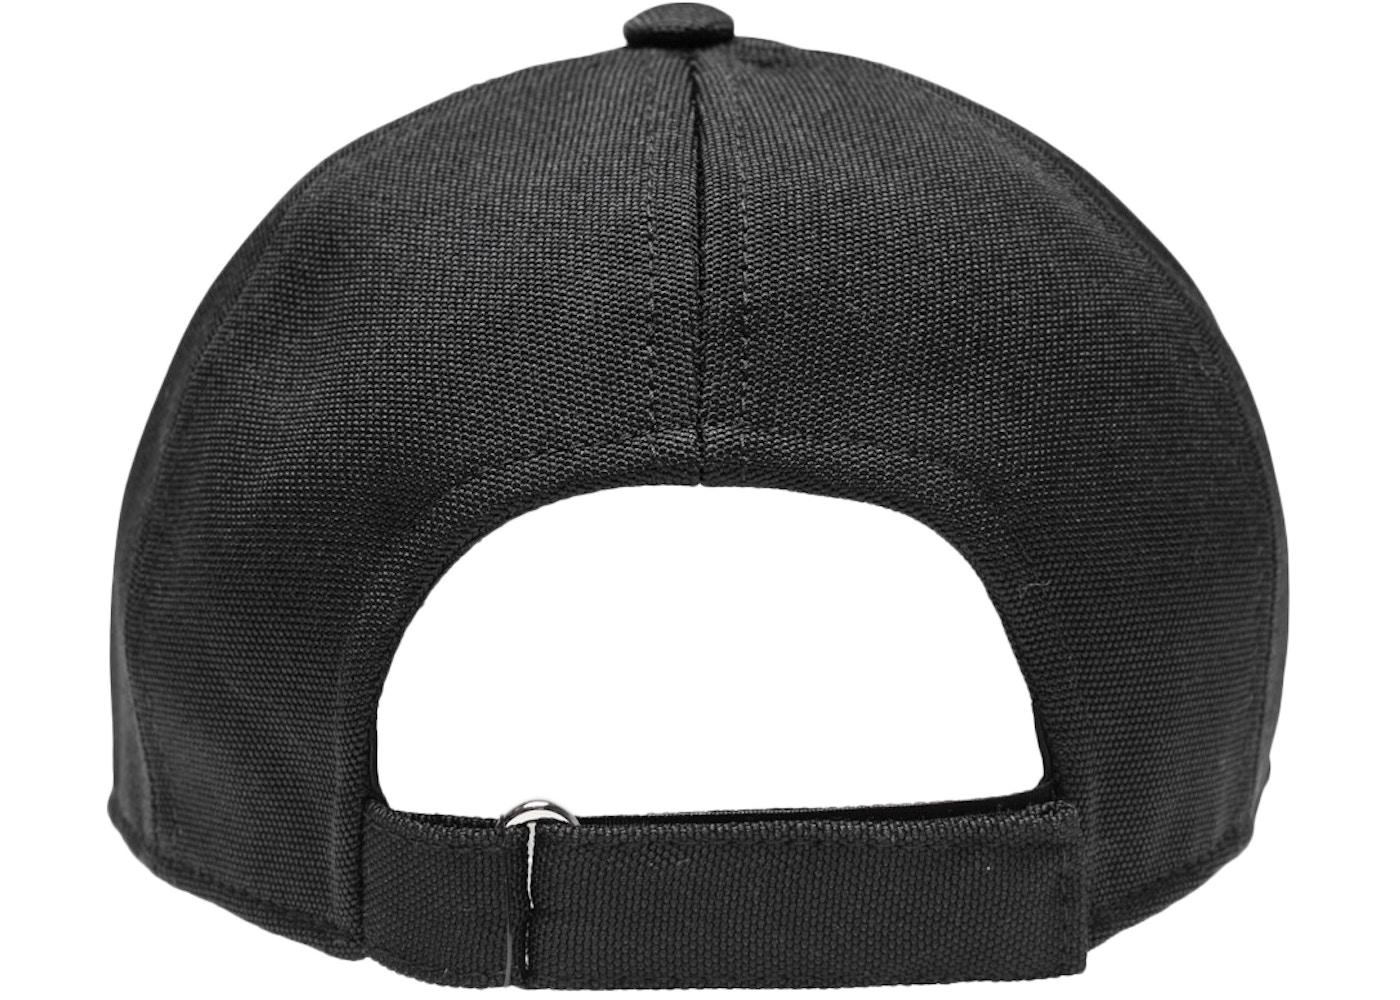 Kith Silver Classic Logo Cap Black - FW17 12de0e92b724